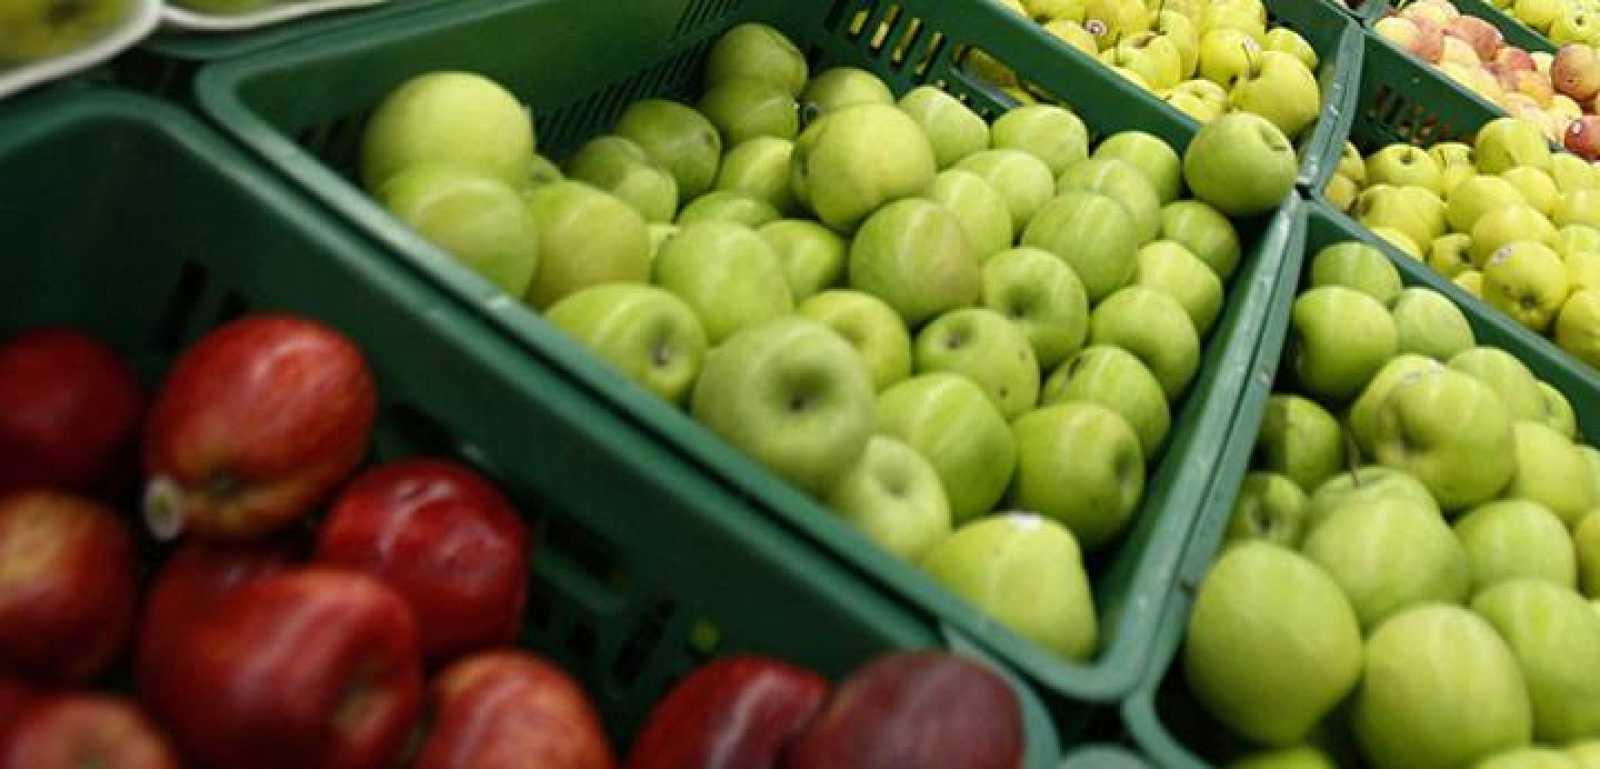 Según la encuesta, los españoles no comemos la cantidad de fruta necesaria